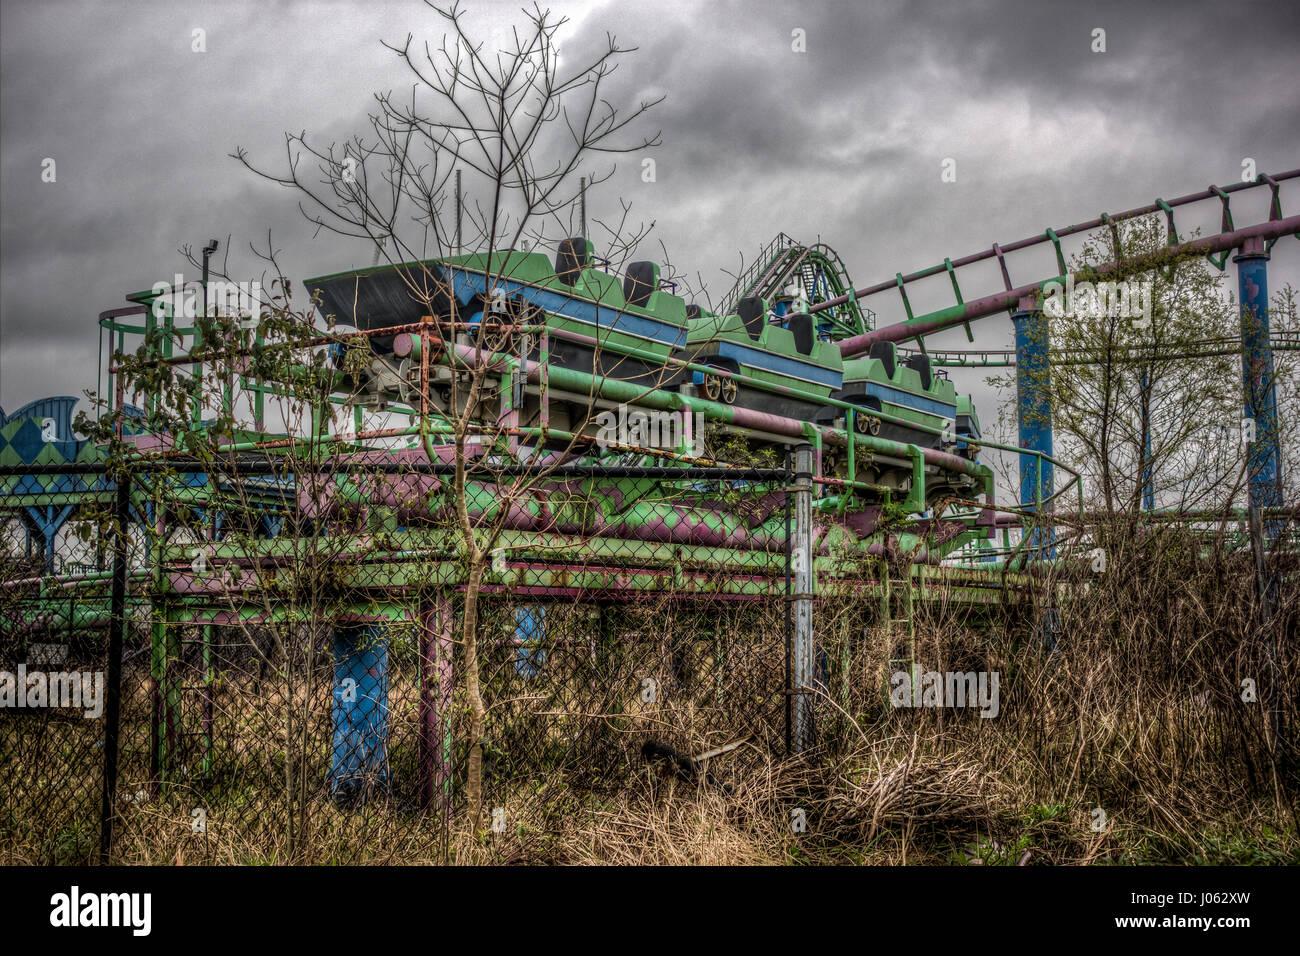 NEW ORLEANS: Spannende Bilder erschienen zeigt die vergessene Vergangenheit von einer verlassenen Themenpark, der Stockbild